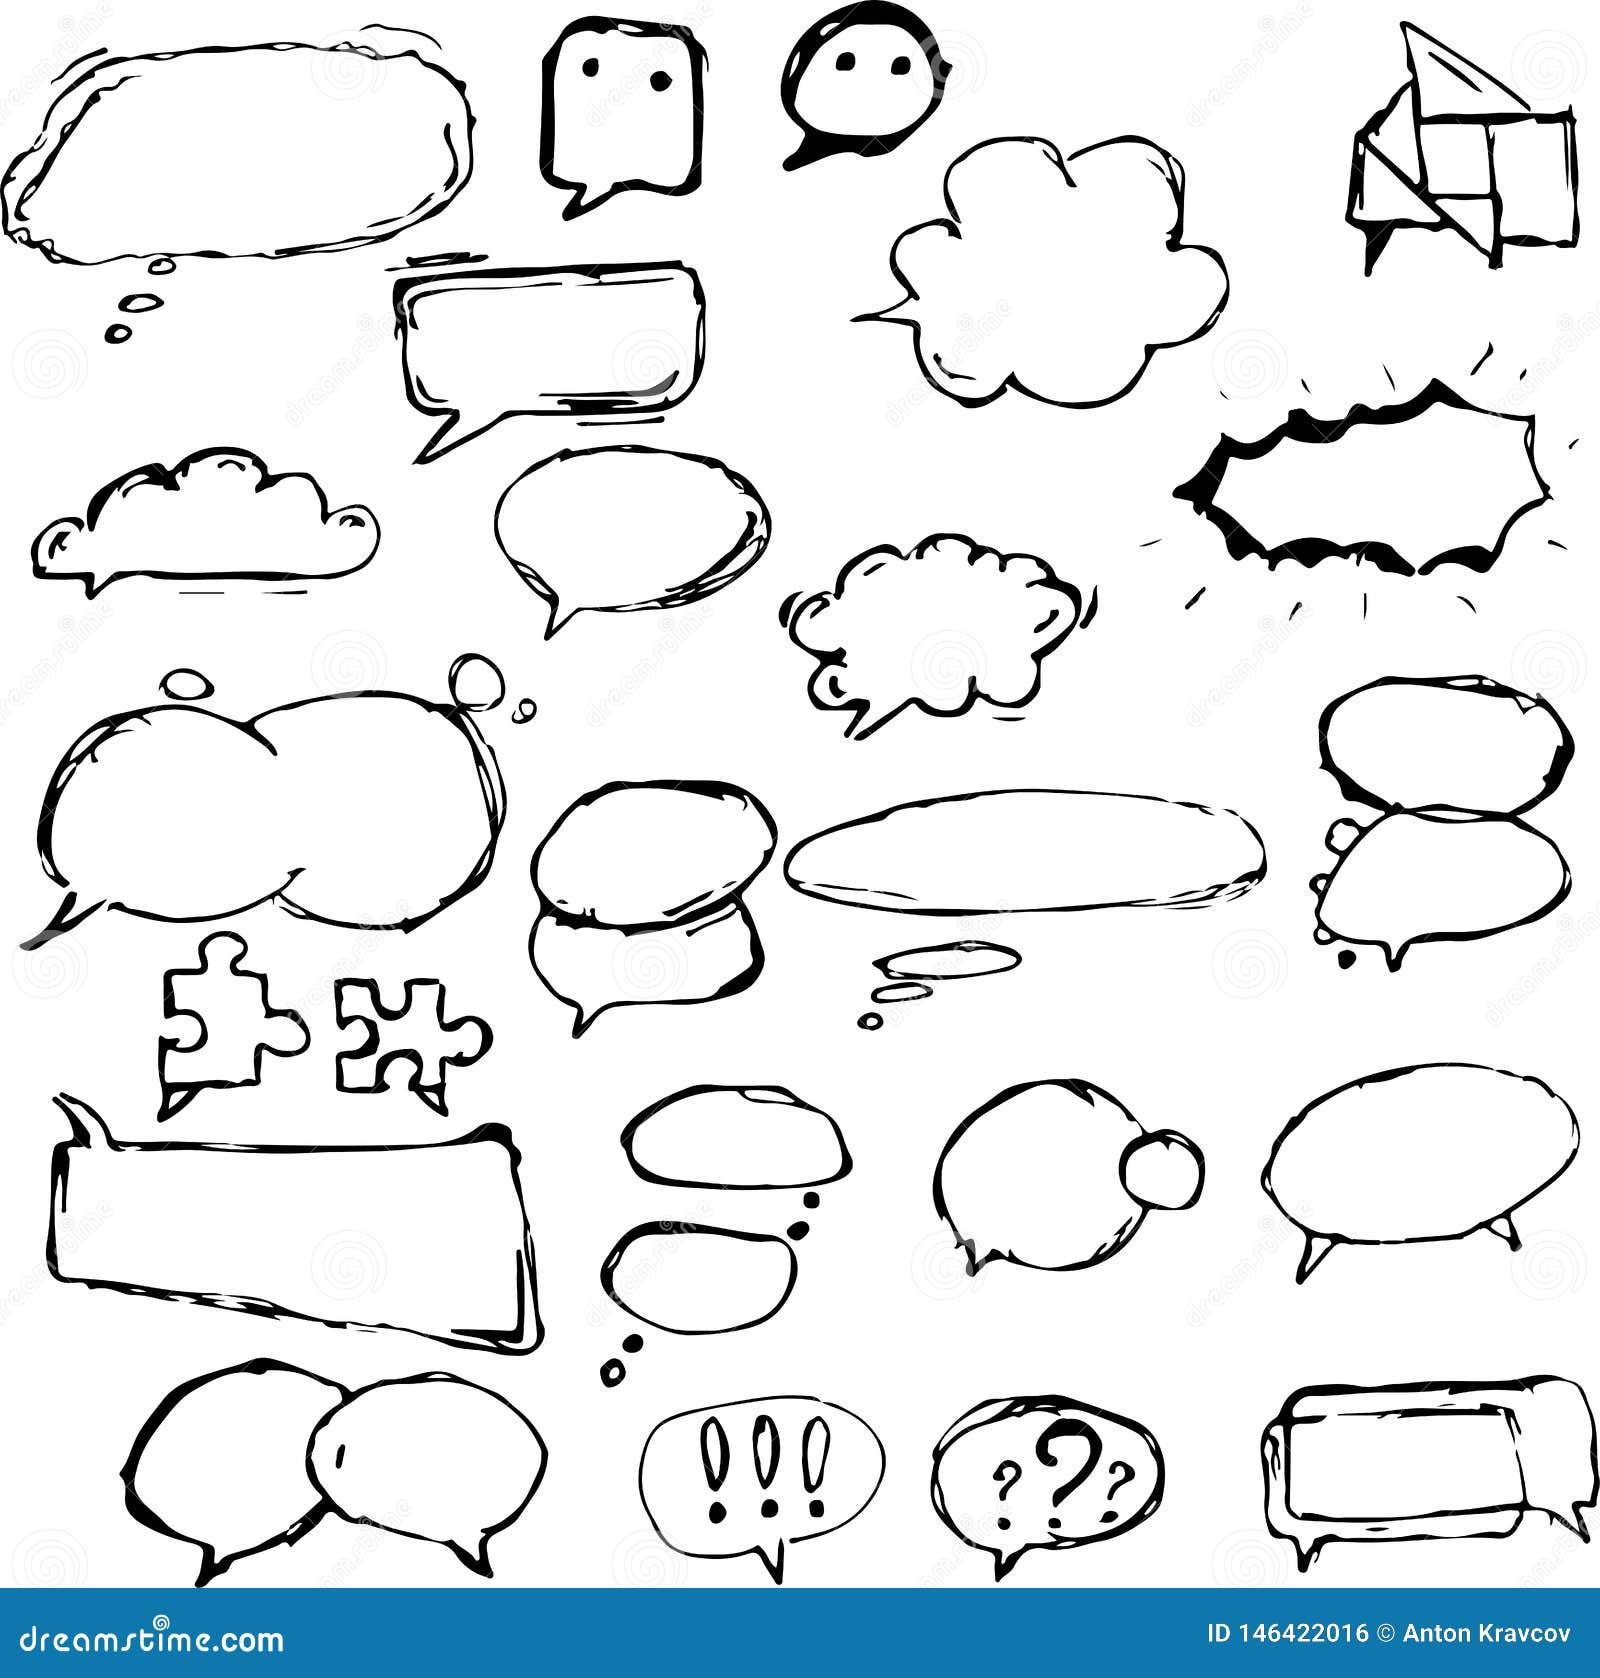 Dialogfelder und Ballone in den verschiedenen Formen